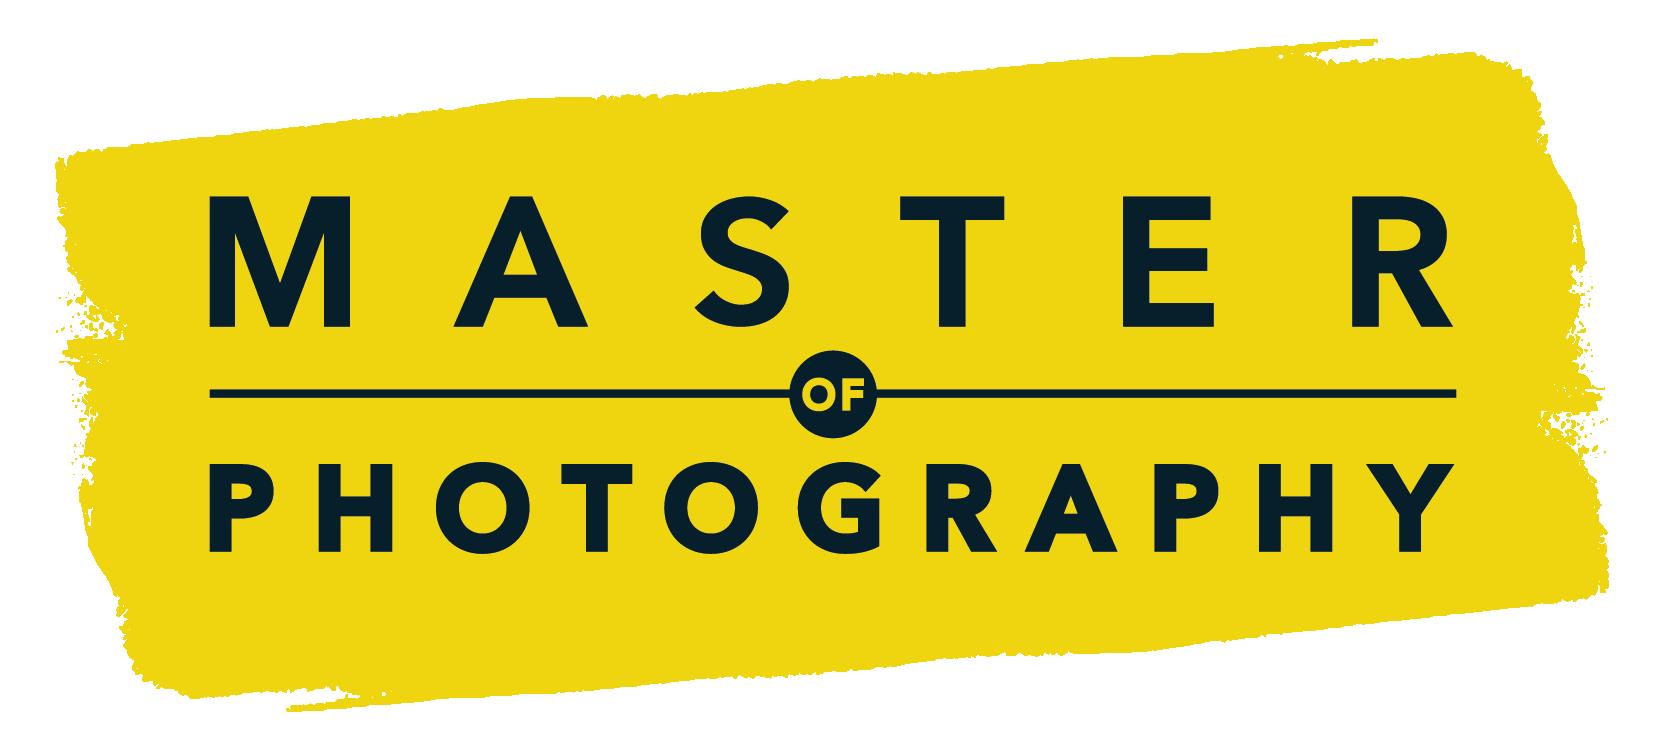 Master of Photography - logo